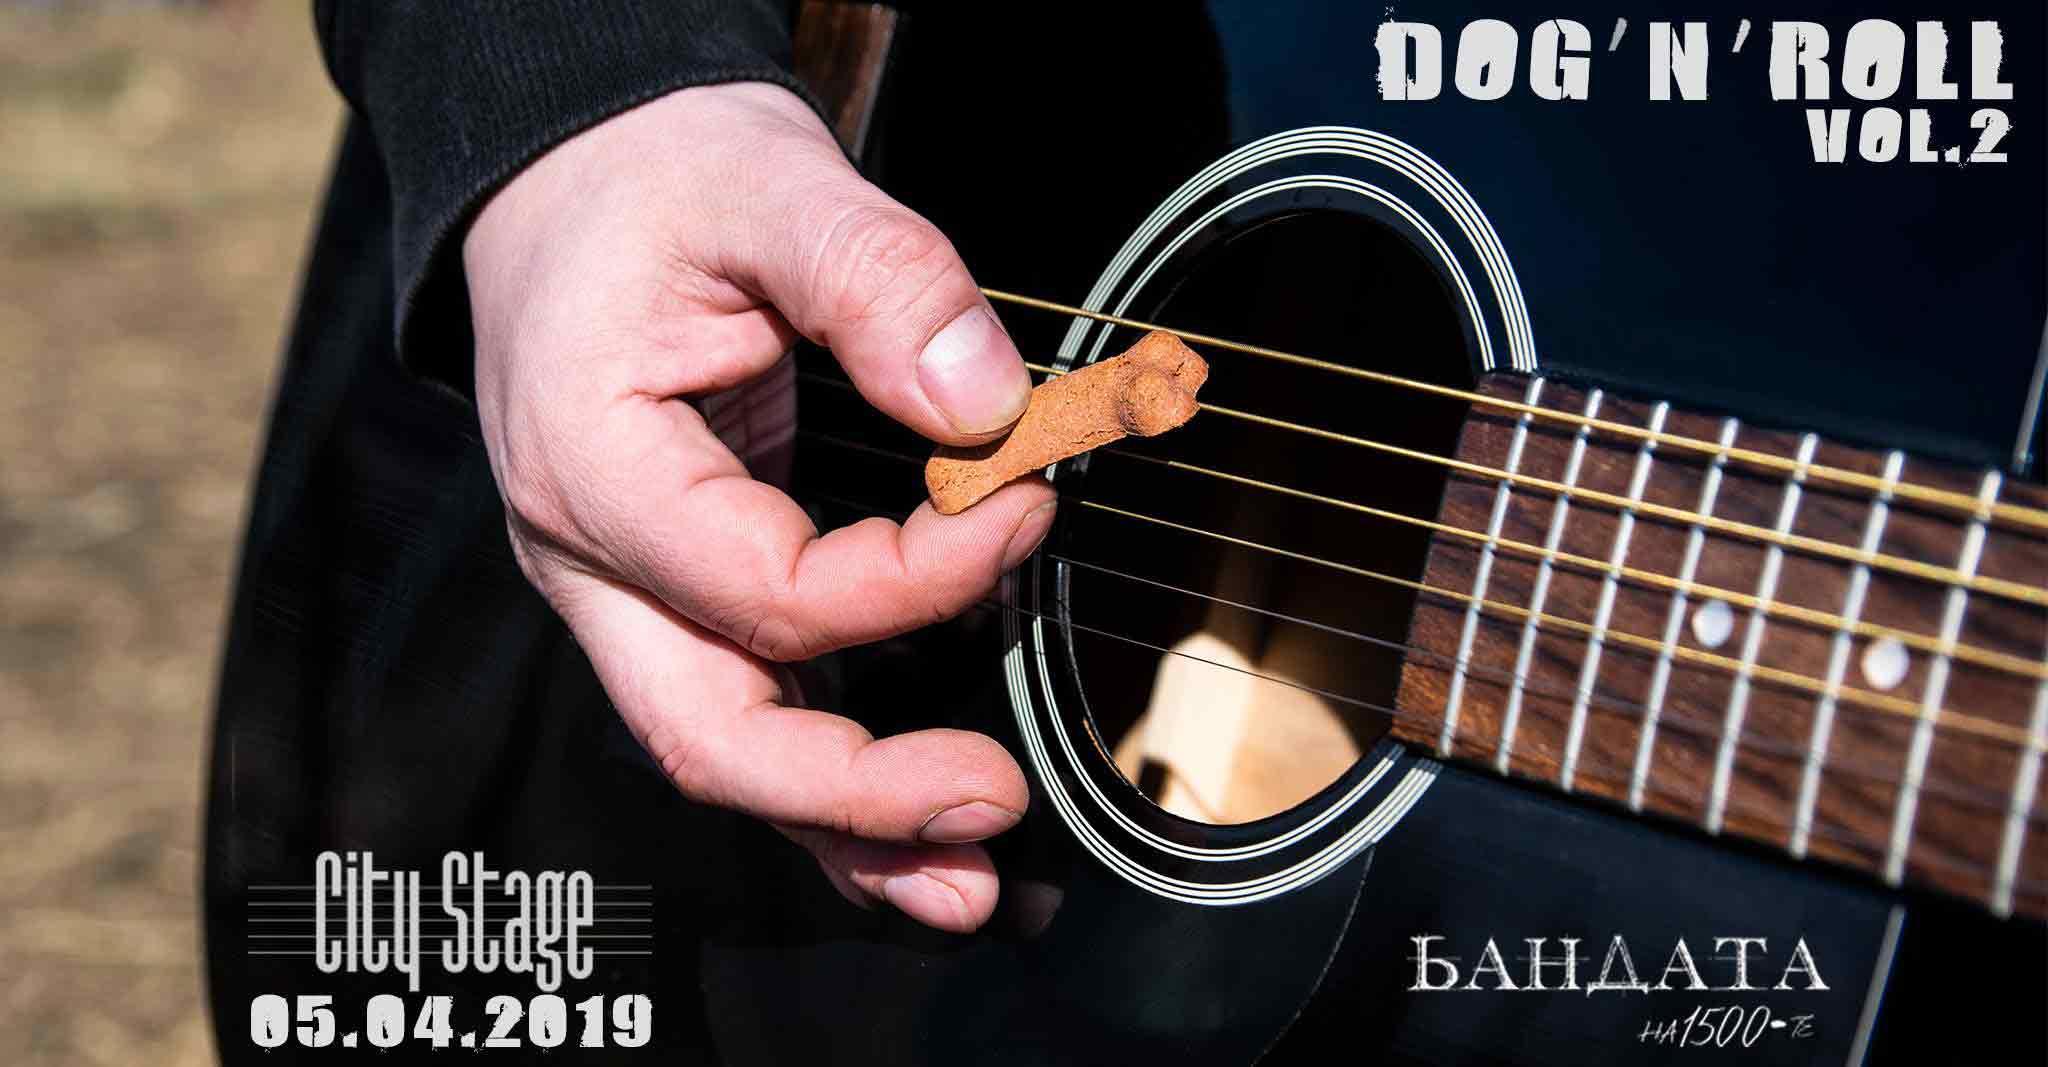 05 април 2019 г. 19:00 ч. City Stage | DOG'n'Roll благотворителен концерт